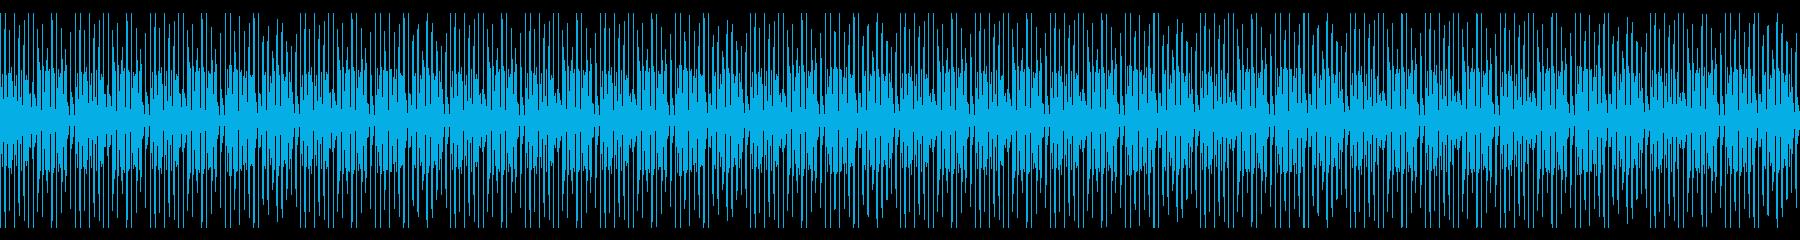 エンドレス手拍子(ループ仕様)の再生済みの波形